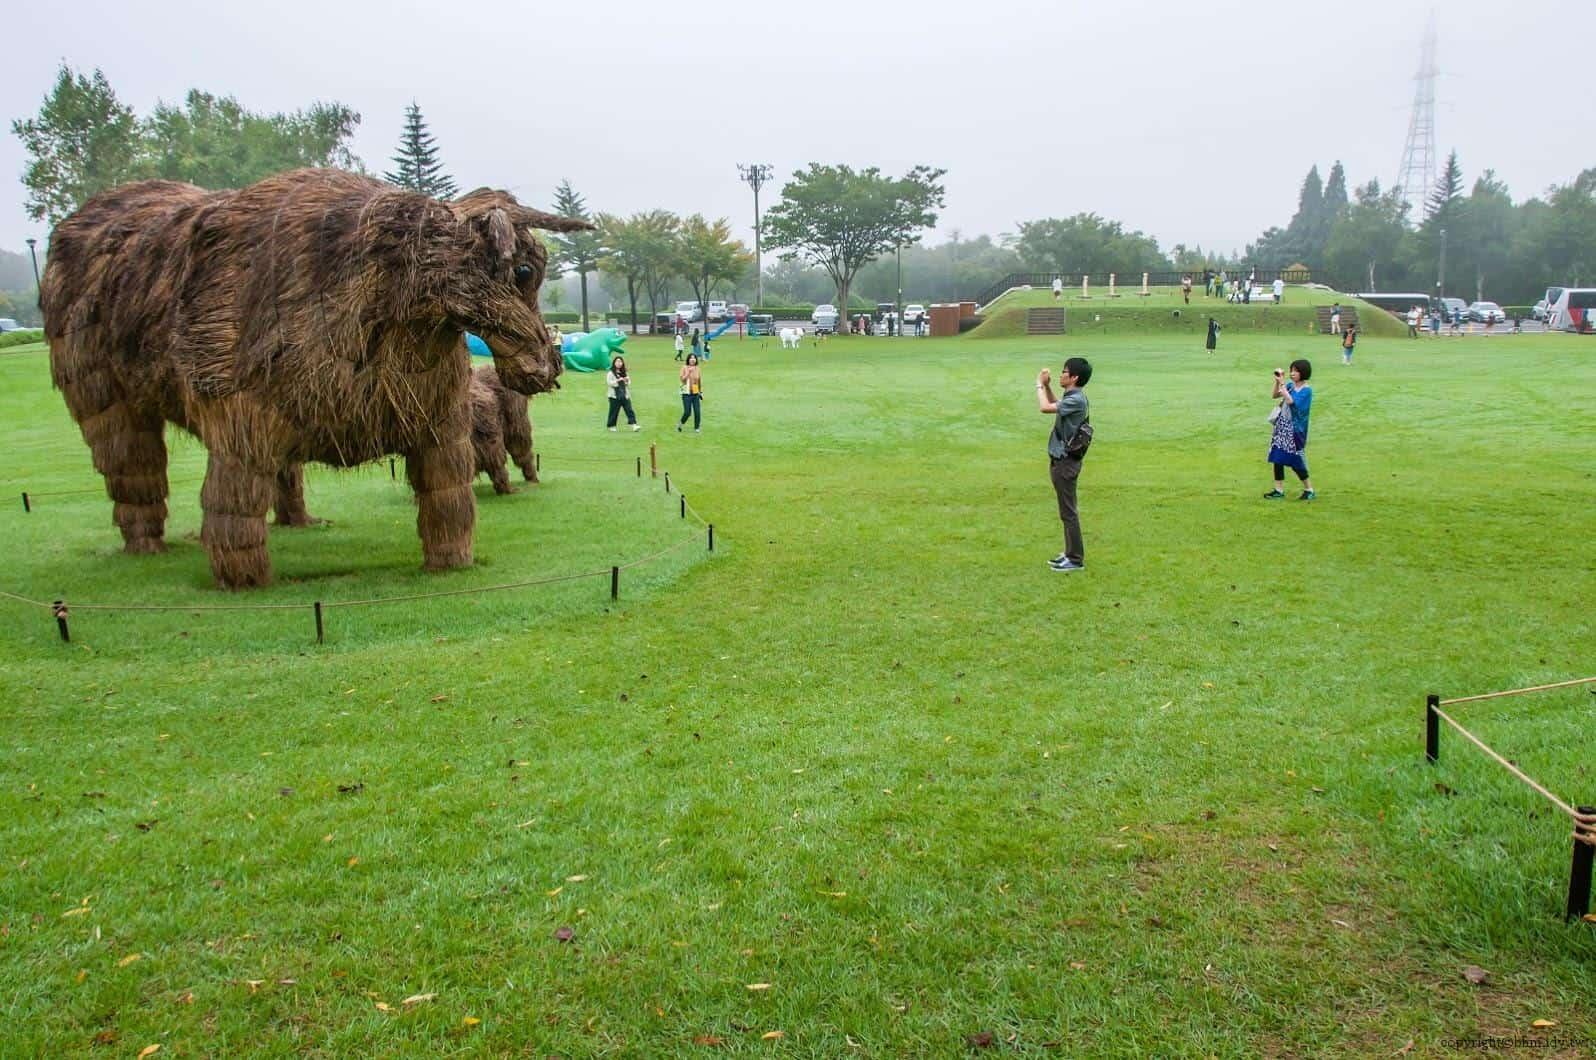 Yuma Matsumoto + Wara Art JAPAN,Mishimaushi@里山藝術動物園。整個公園中少數大件作品之一 里山藝術動物園 里山藝術動物園 satoyama art zoo 04